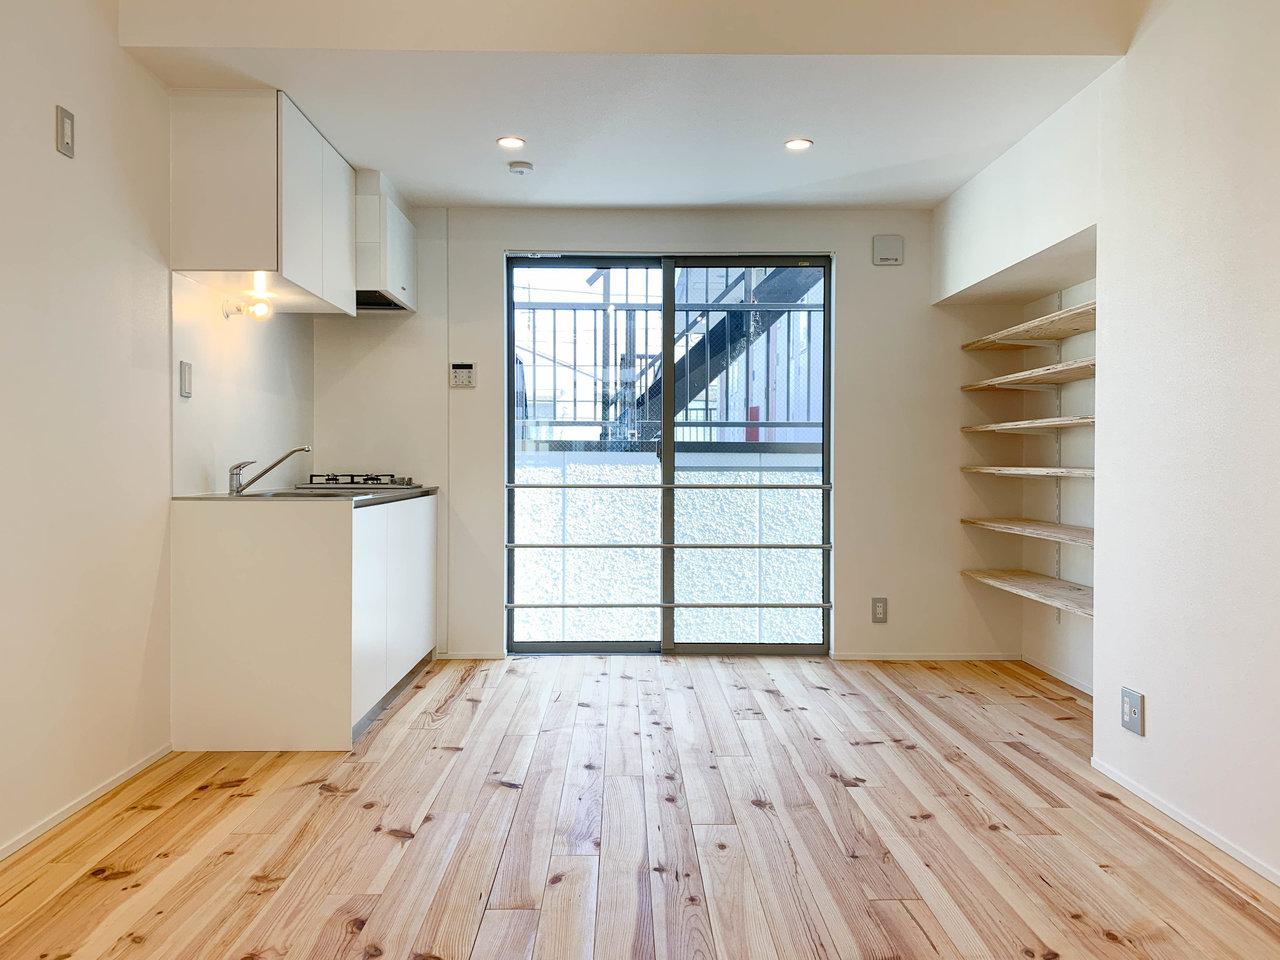 まずは2階のリビング。ロフトがある分天井がとても高いのが特徴です。壁に備え付けられた棚は本棚かな。キッチンも2口ガスコンロ付きの使いやすいタイプのものになっています。